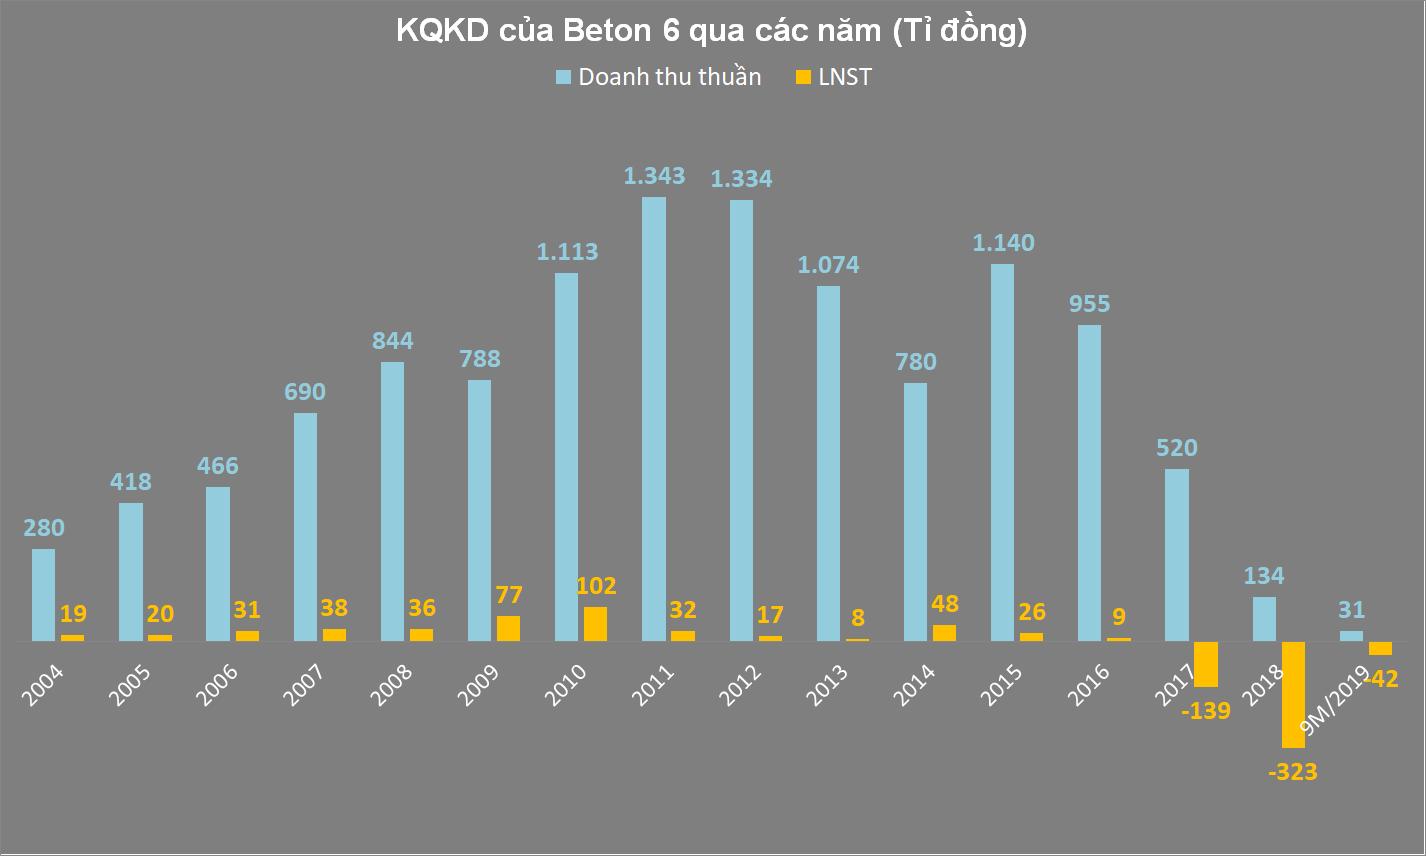 Hành trình phá sản của Beton 6, biểu tượng hơn 60 năm của ngành sản xuất bê tông - Ảnh 1.